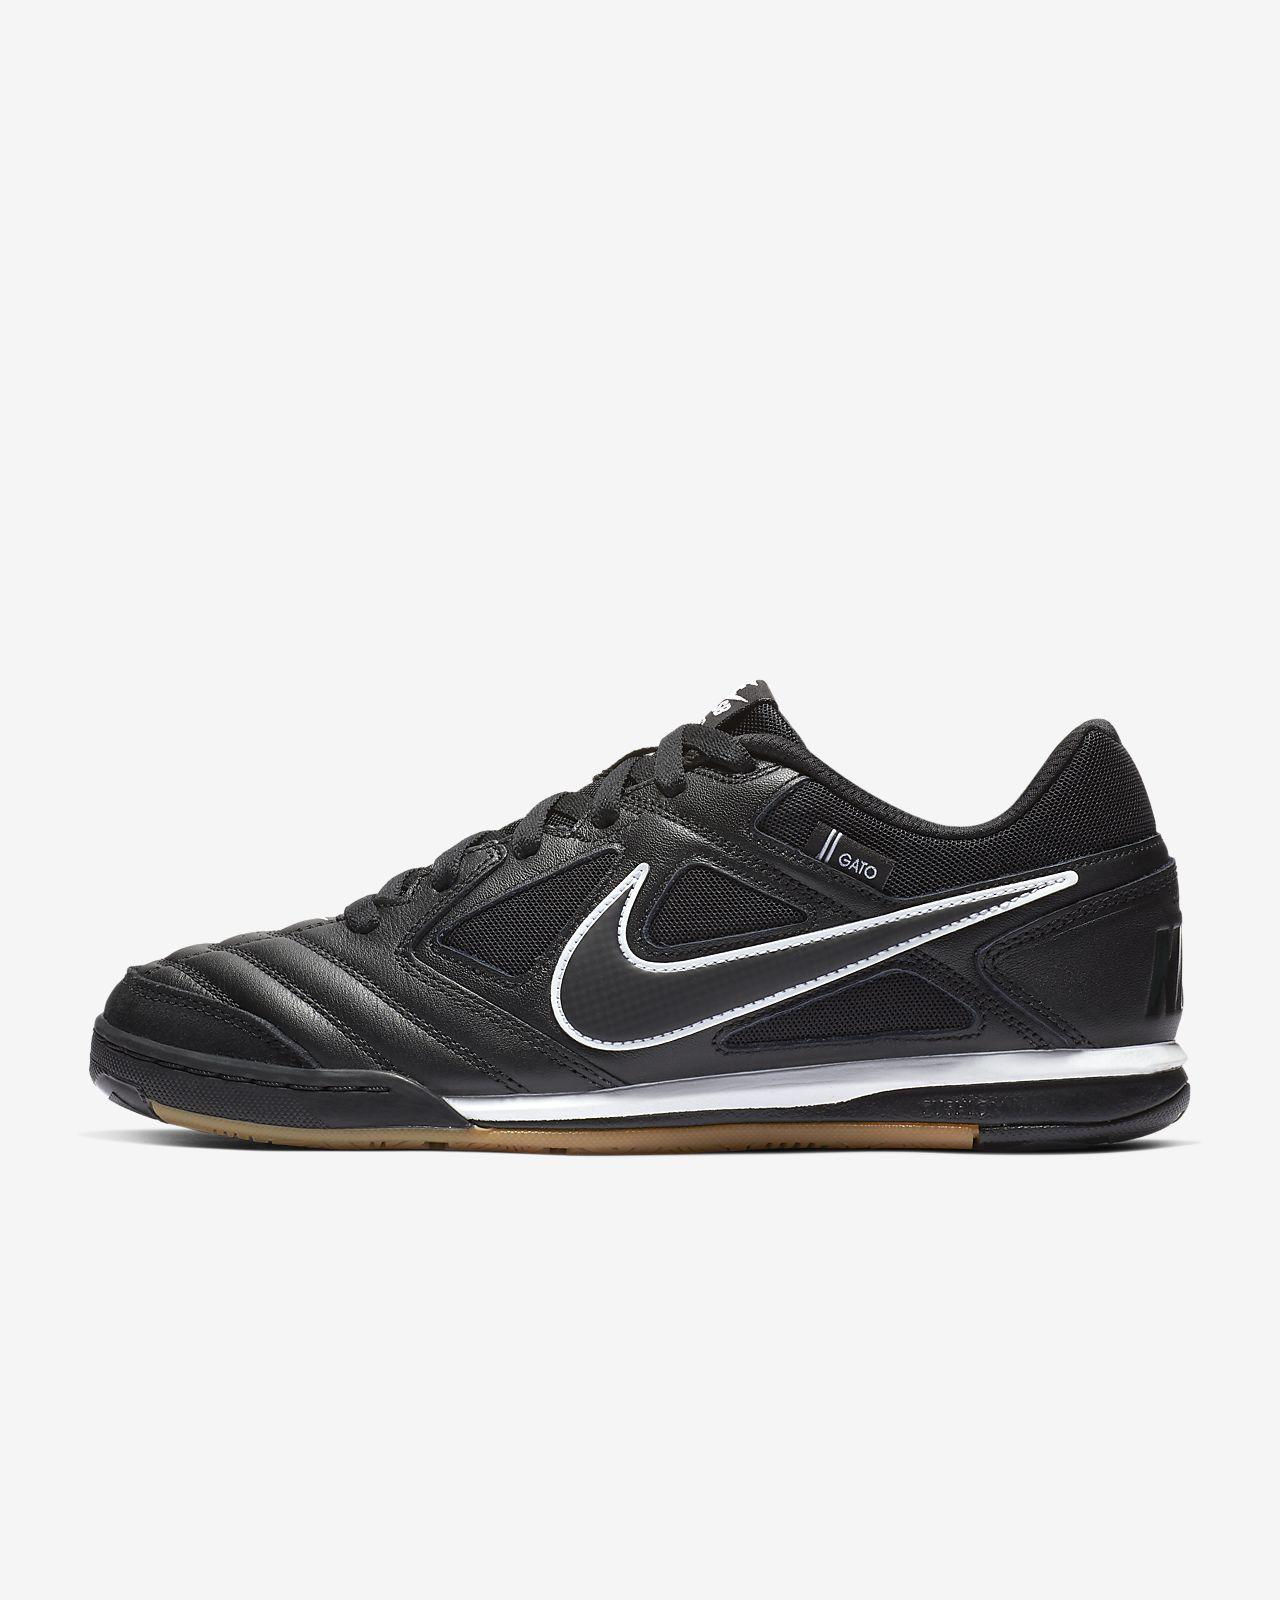 รองเท้าสเก็ตบอร์ด Nike SB Gato